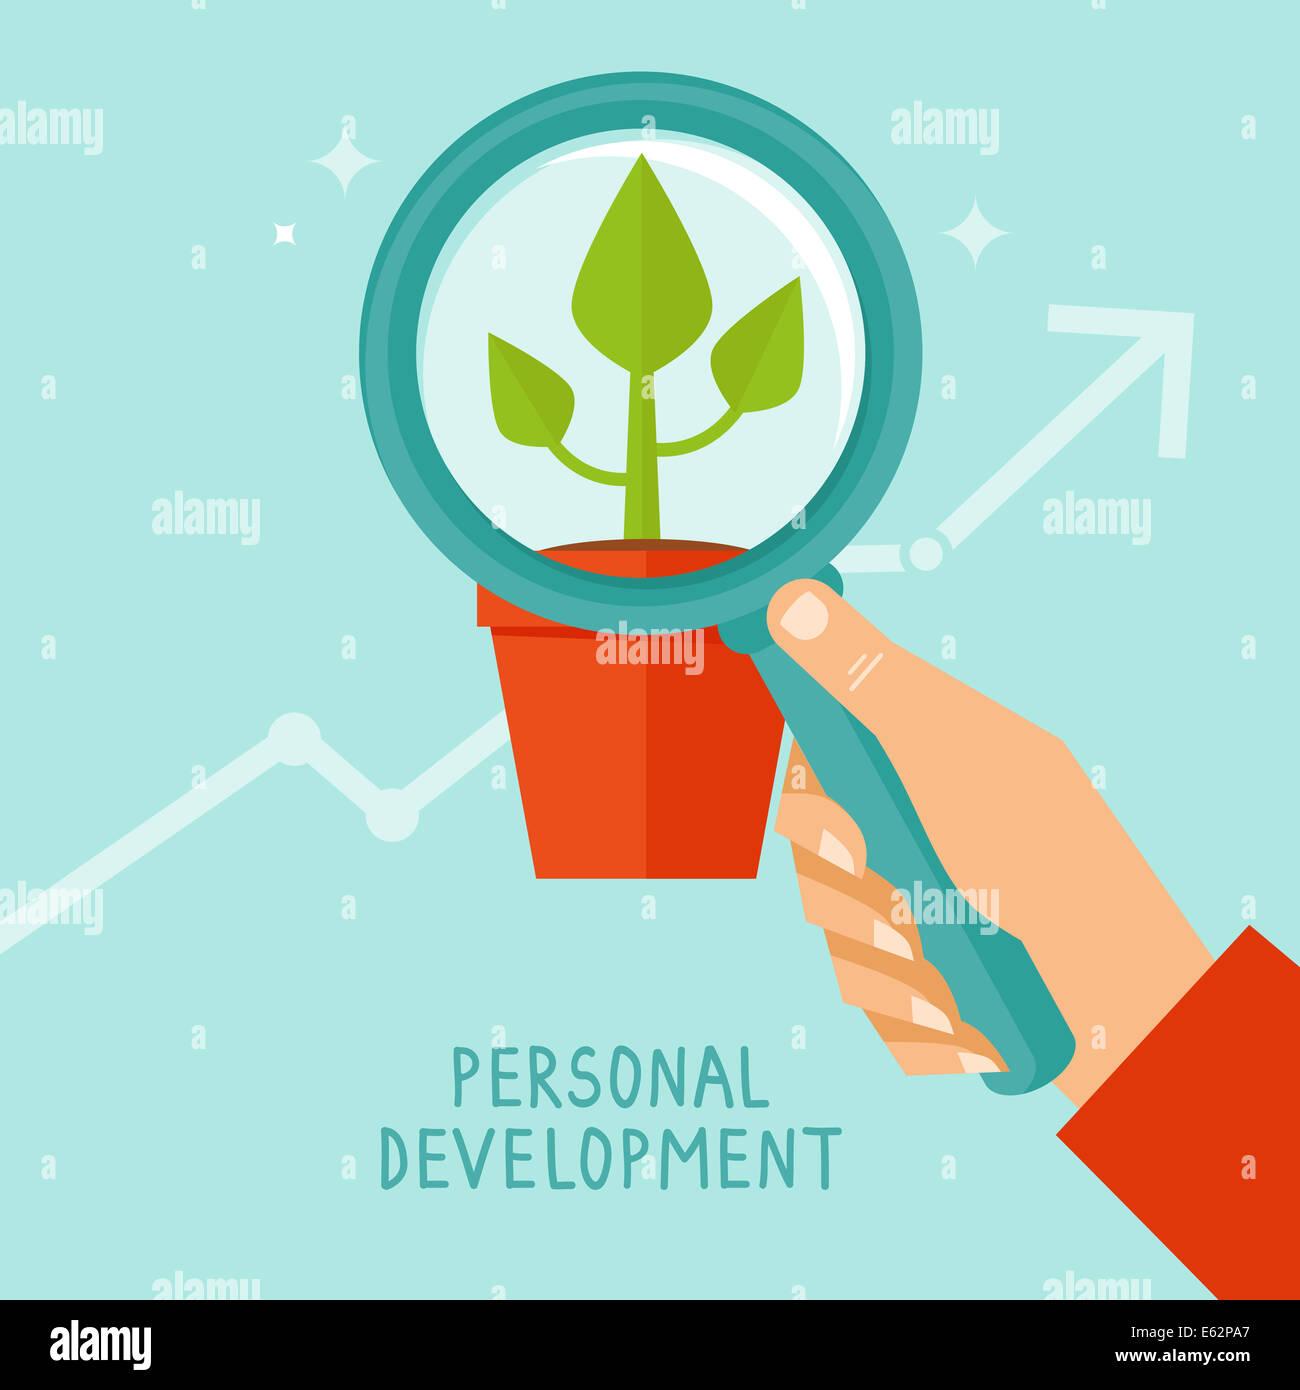 Concepto de desarrollo personal en estilo plano - Infografía de iconos y elementos de diseño Imagen De Stock